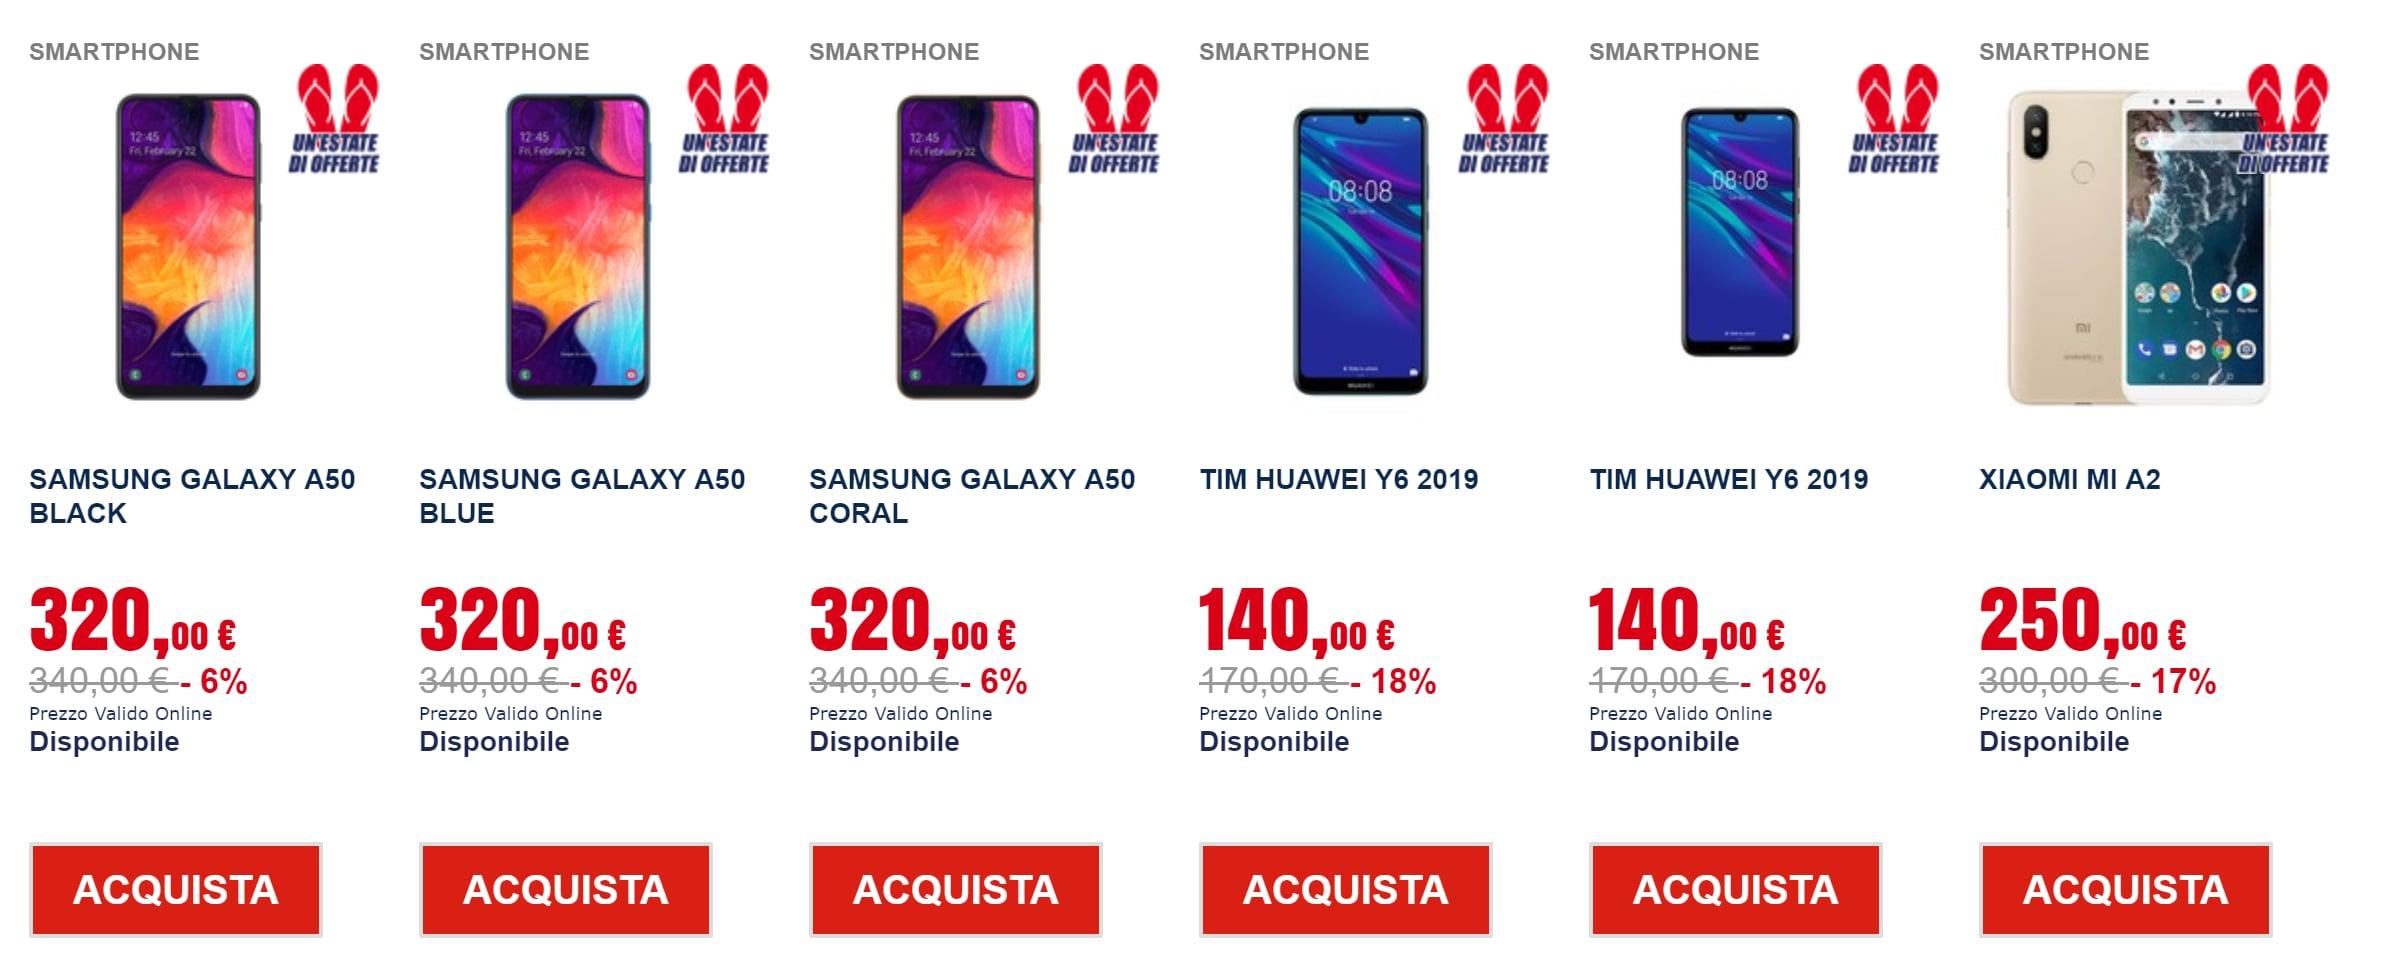 Trony un estate di offerte 21 giugno 2019 smartphone (2)